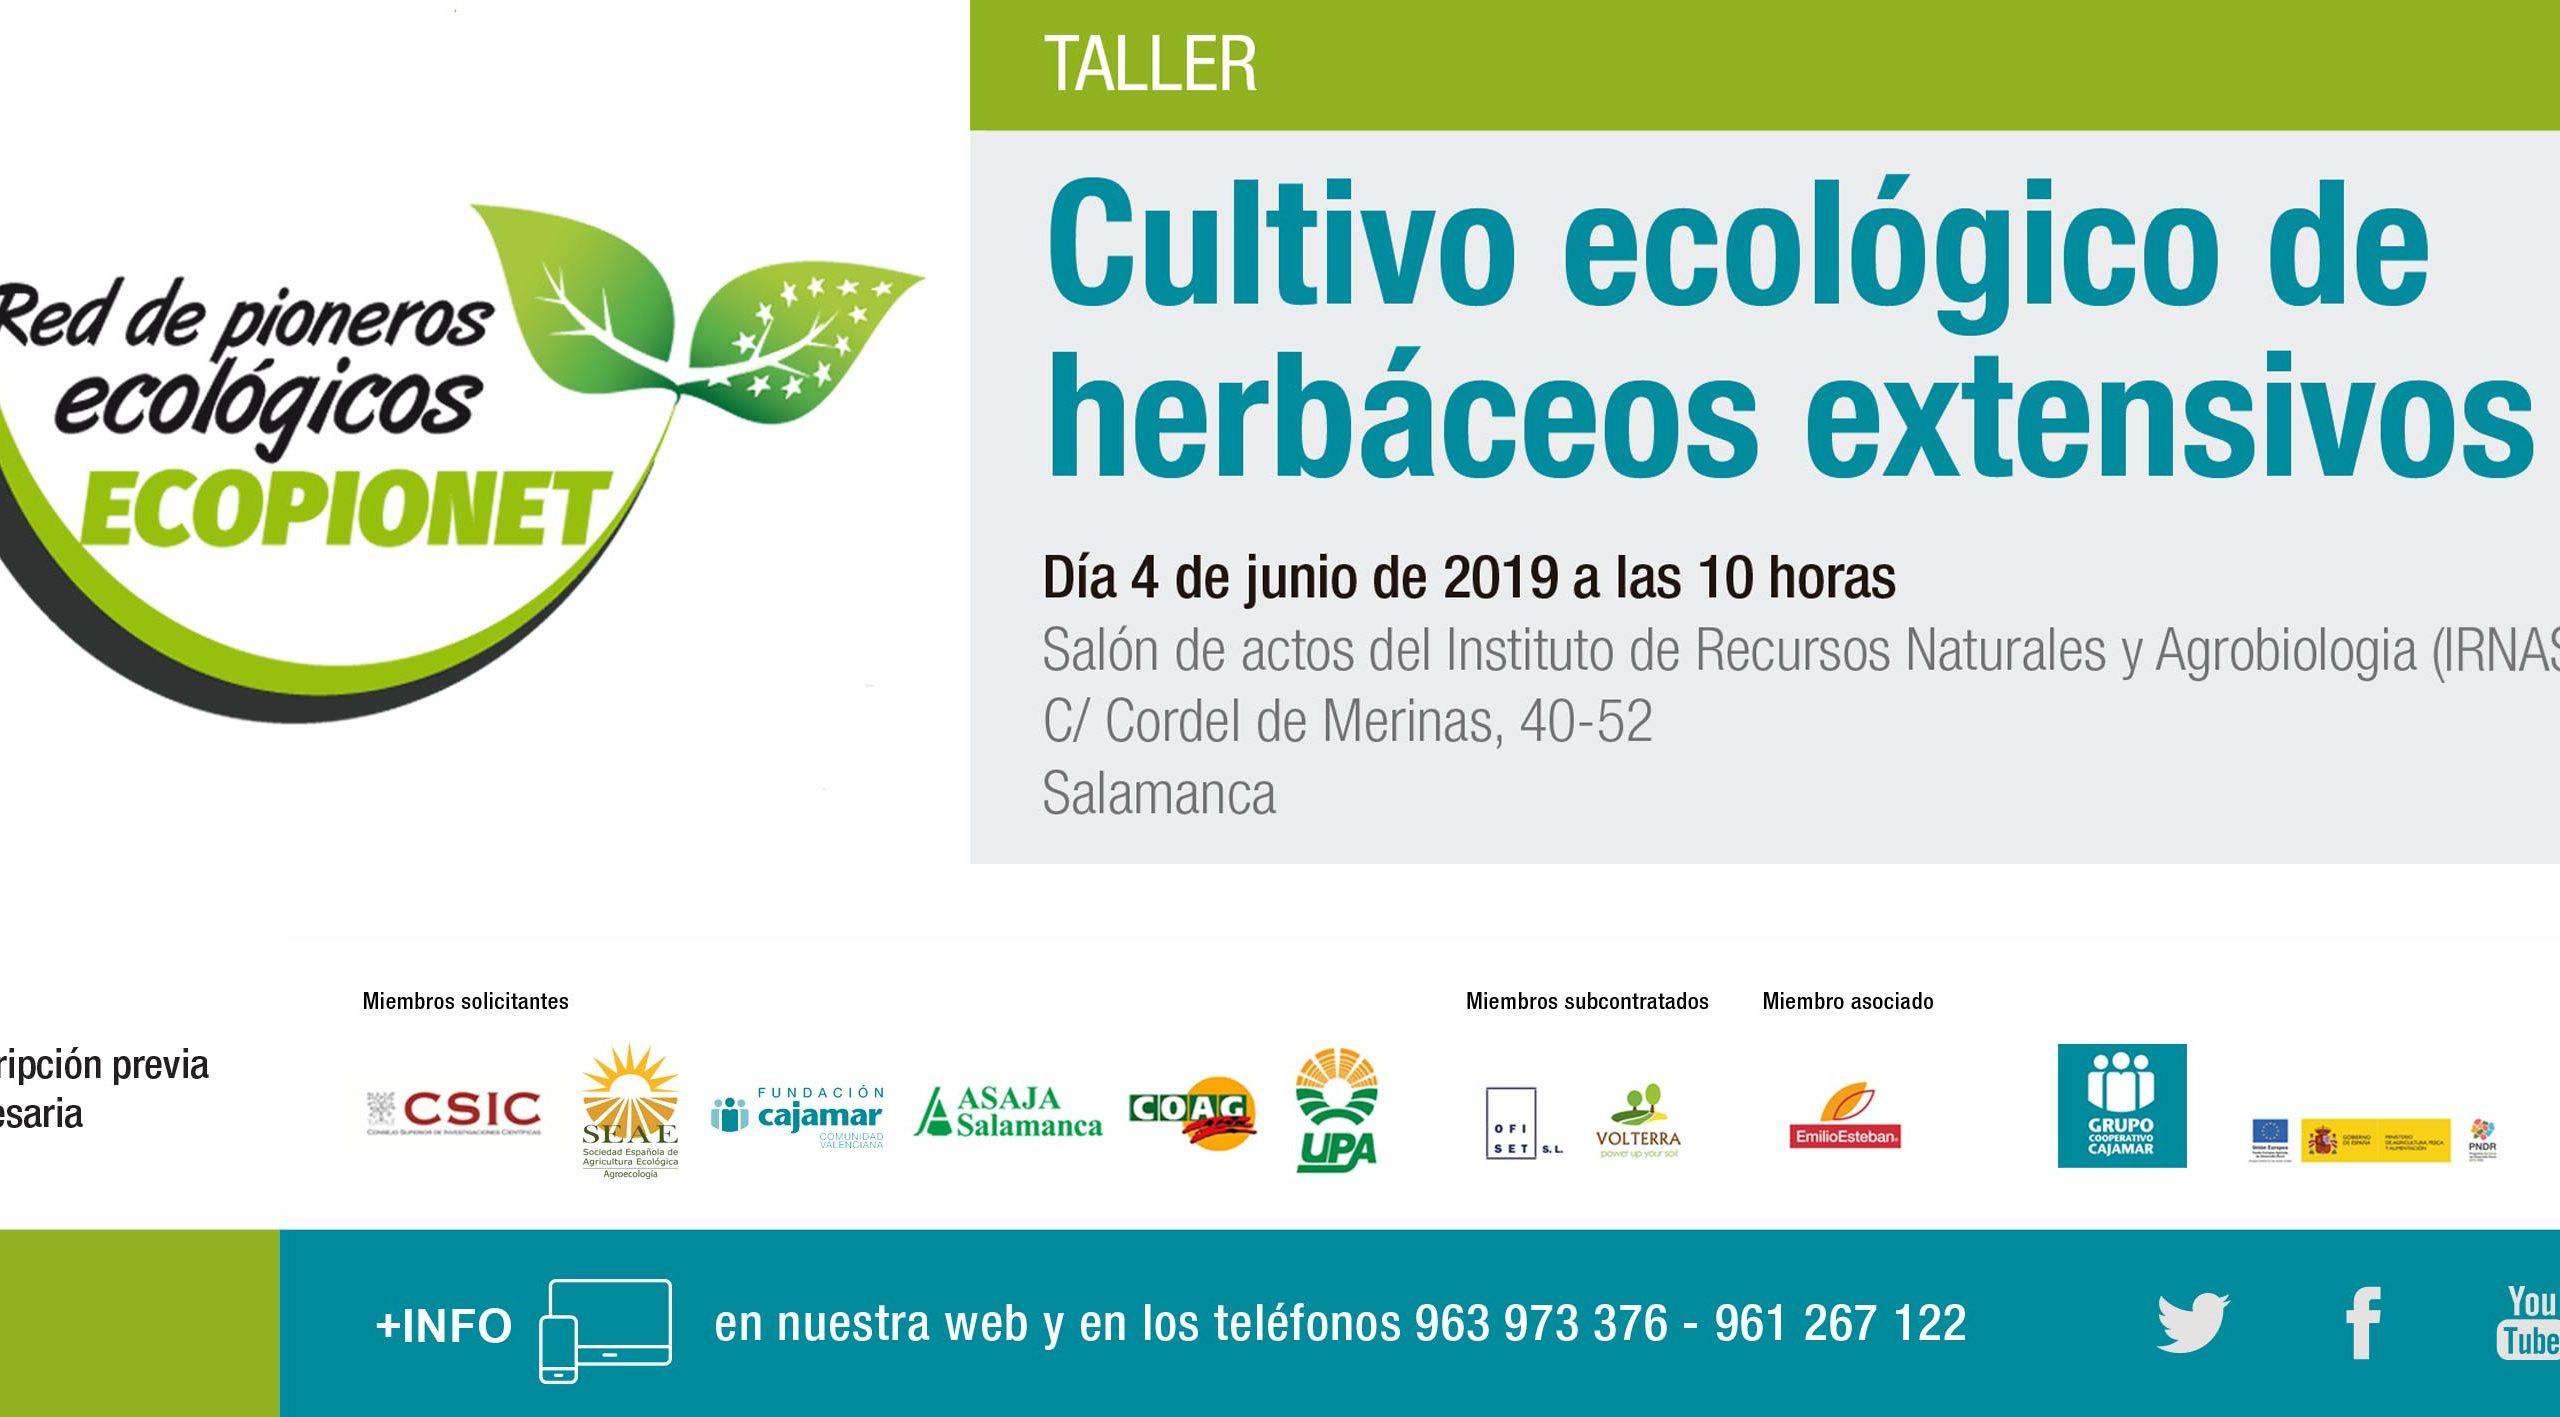 Taller Cultivo ecológico en herbáceos extensivos